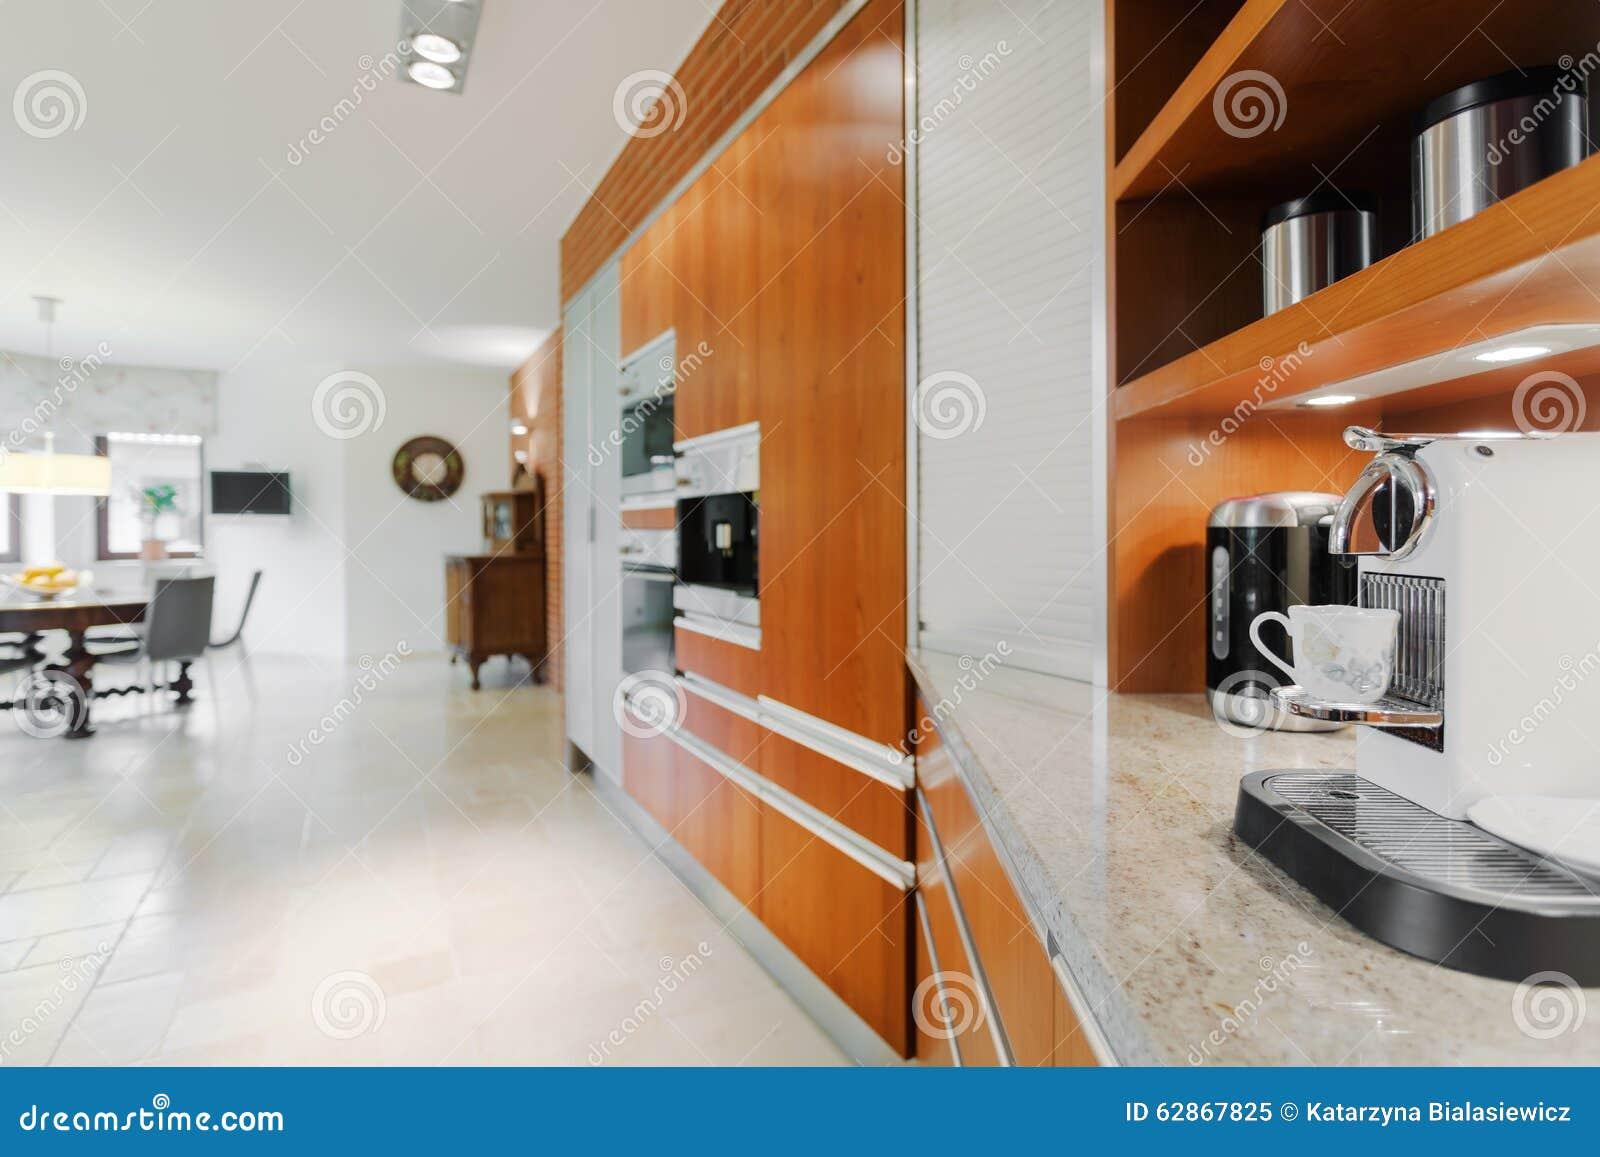 Koffiemachine De Keuken : Koffiemachine in elegante keuken stock afbeelding afbeelding